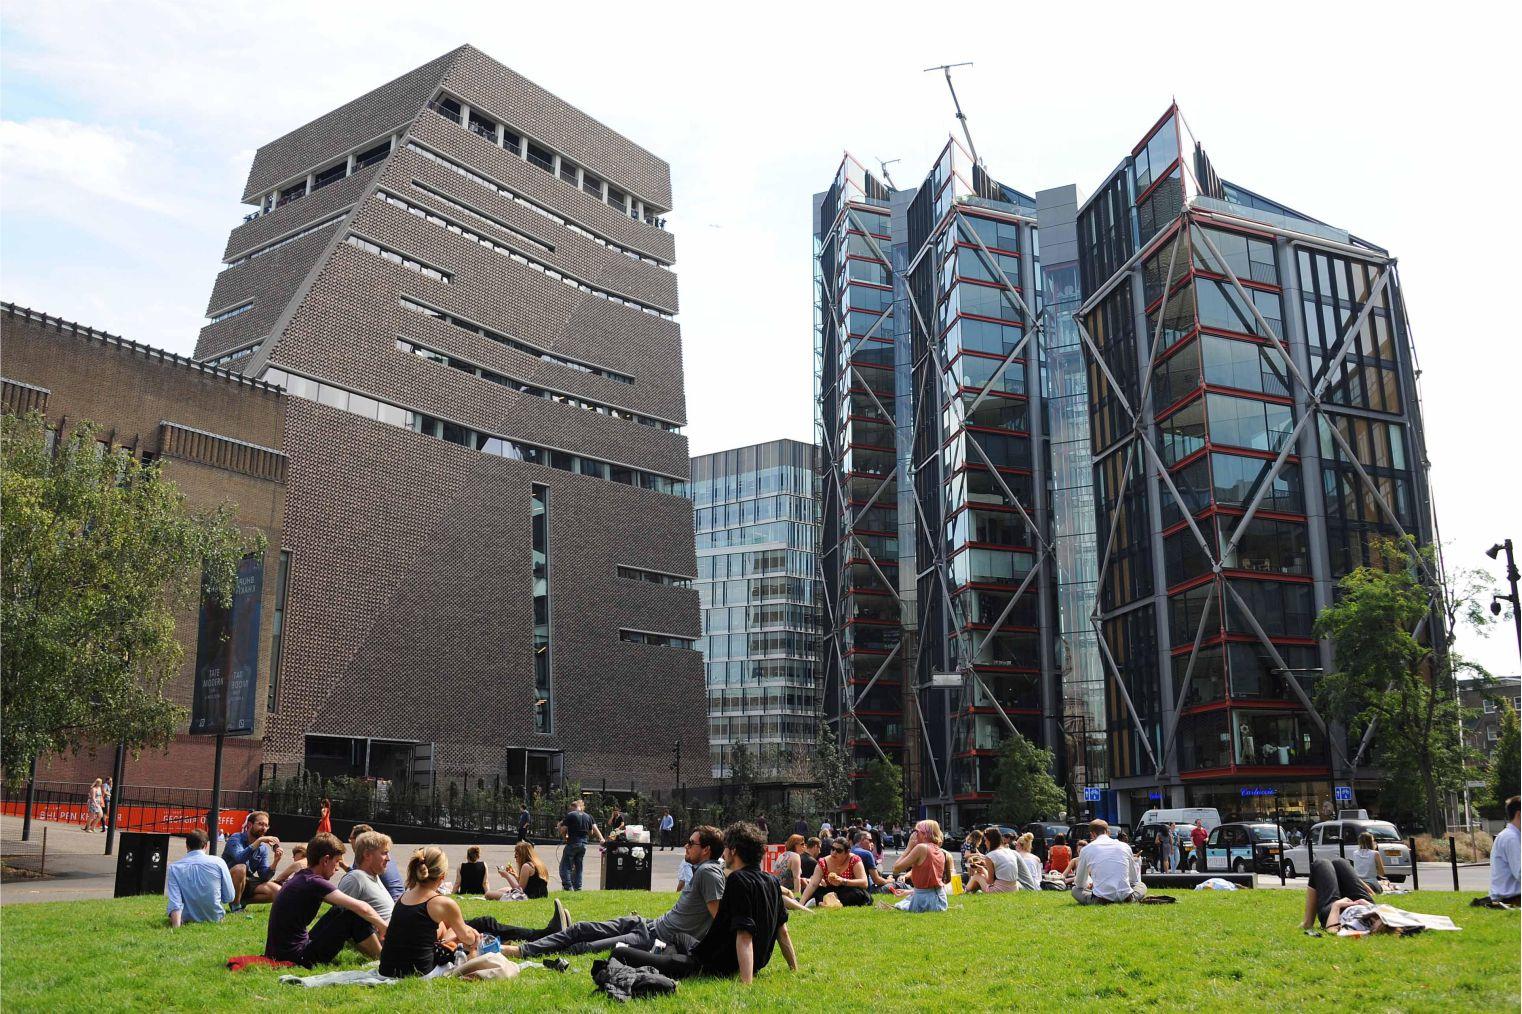 Tate Modern, London. Галерея Тейт Модерн, Лондон.